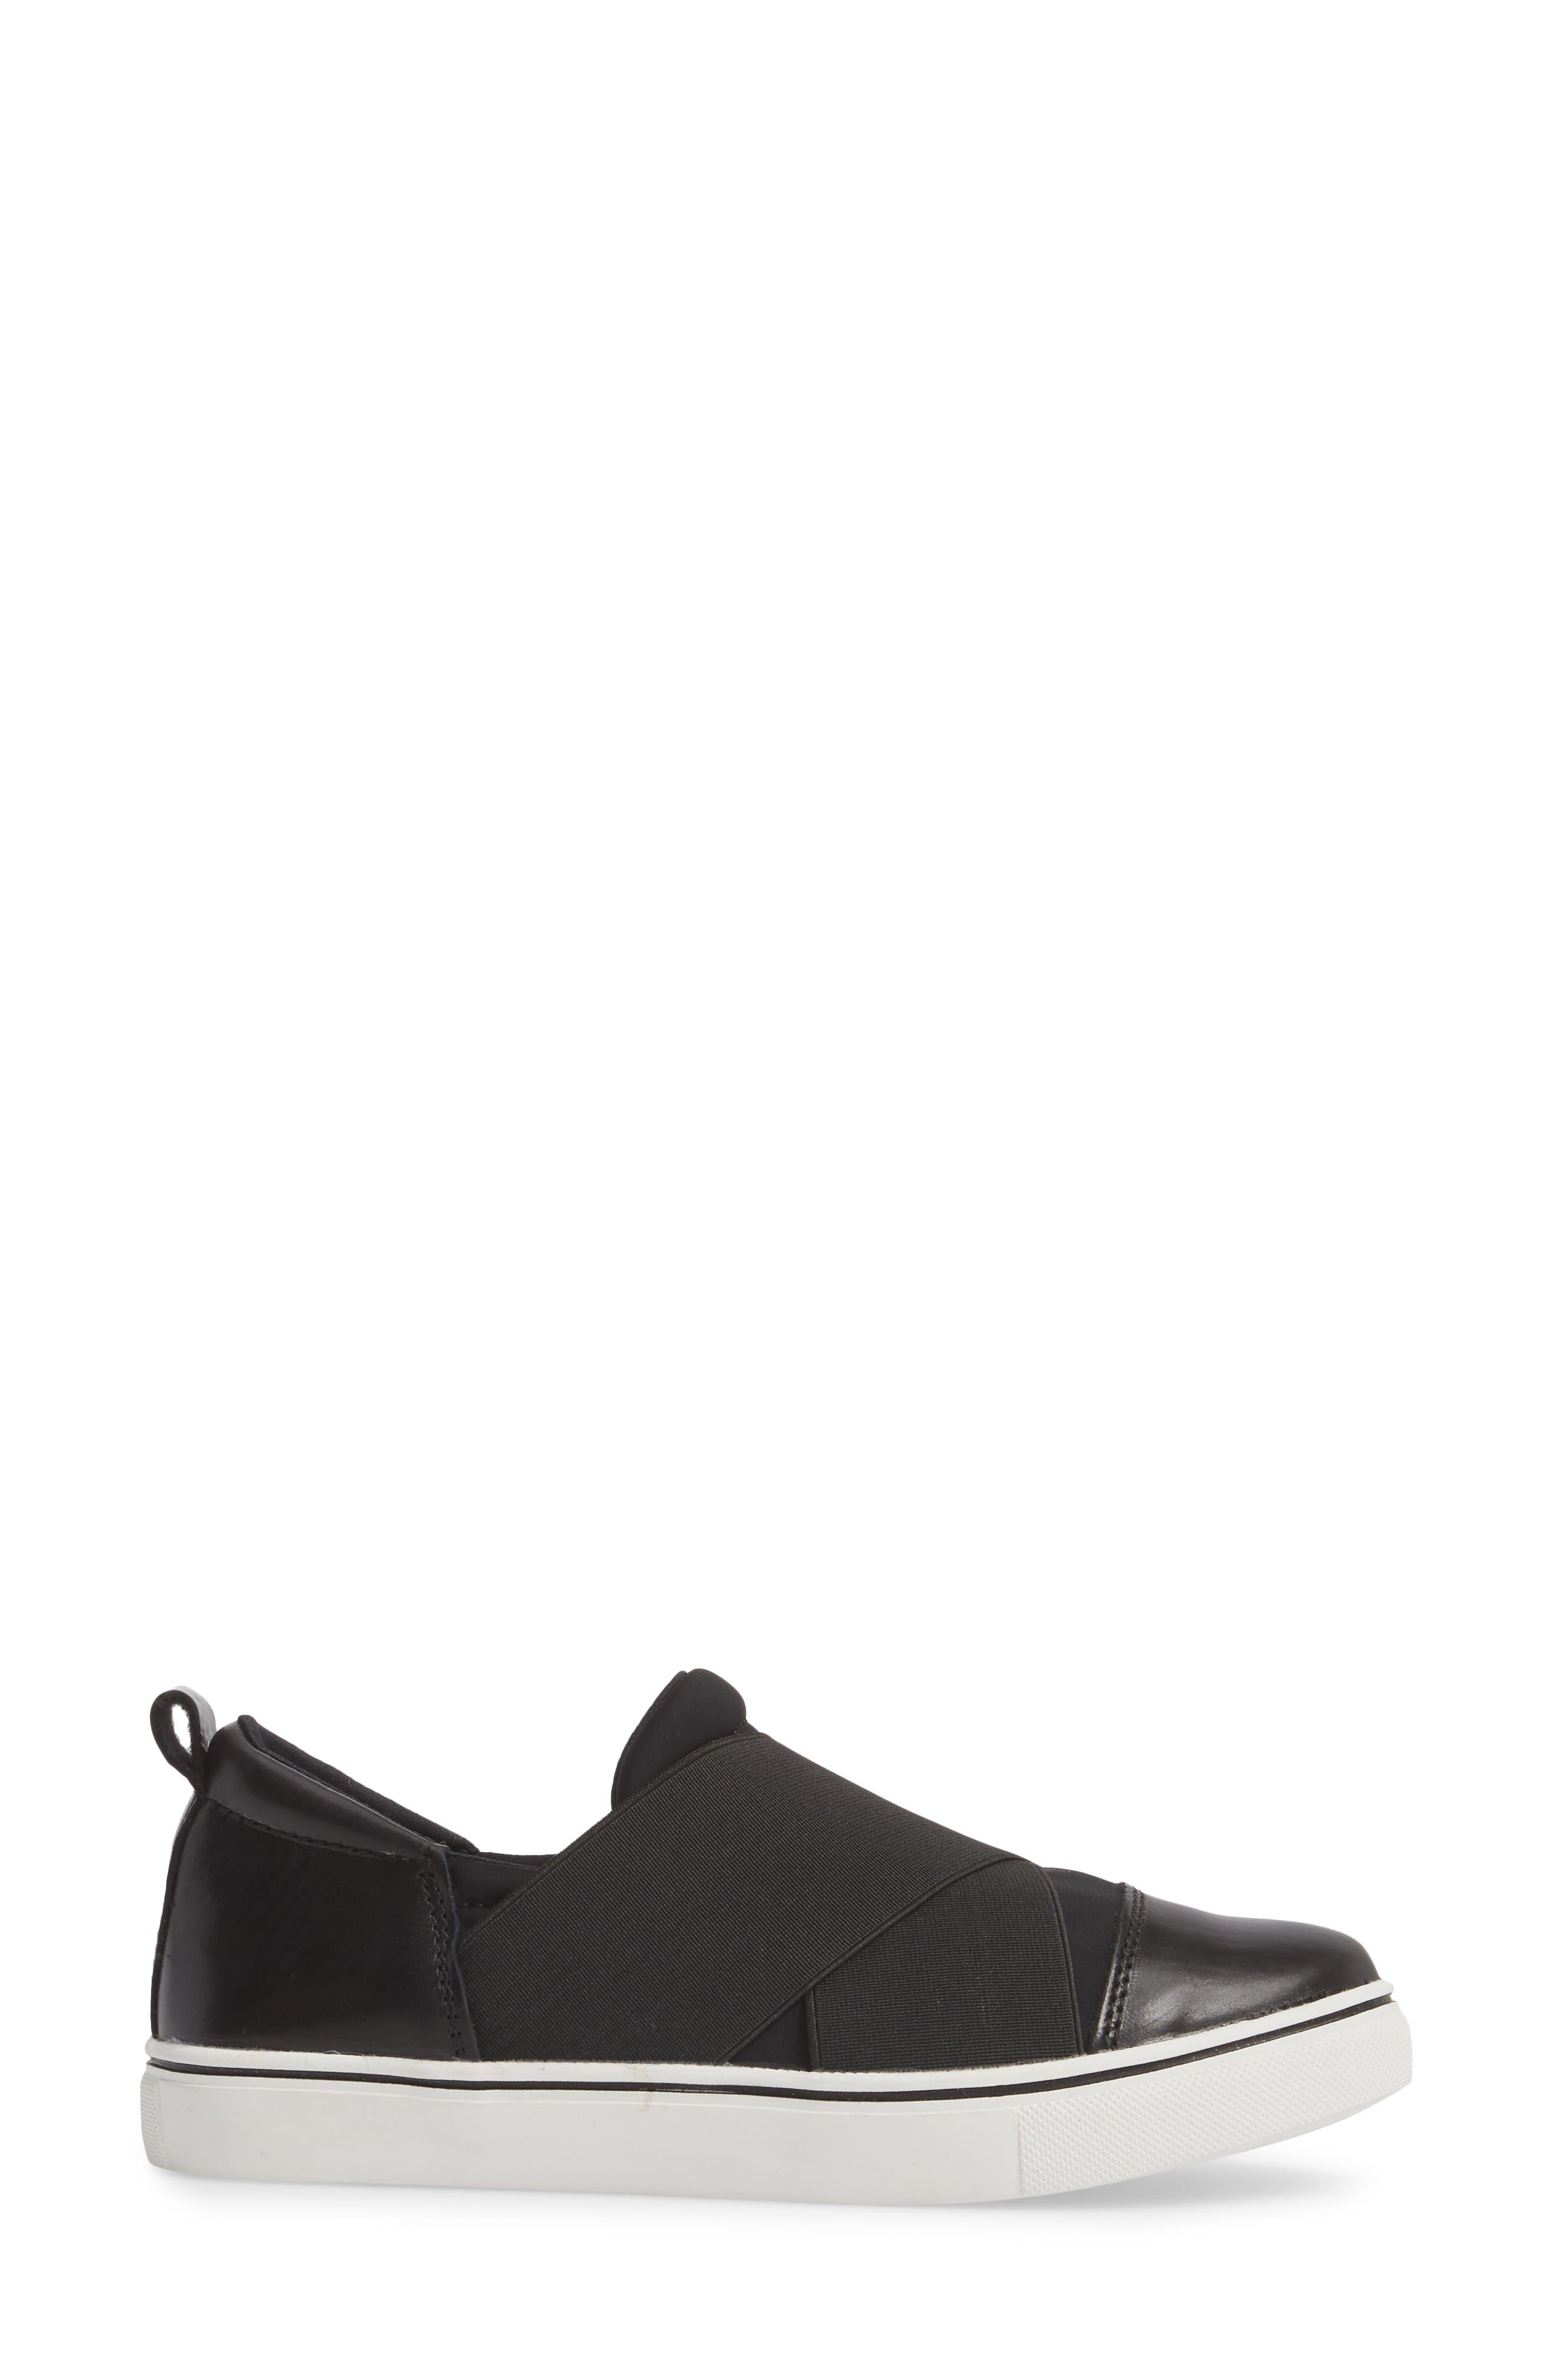 Elmwood Slip-On Sneaker,                             Alternate thumbnail 3, color,                             BLACK LEATHER